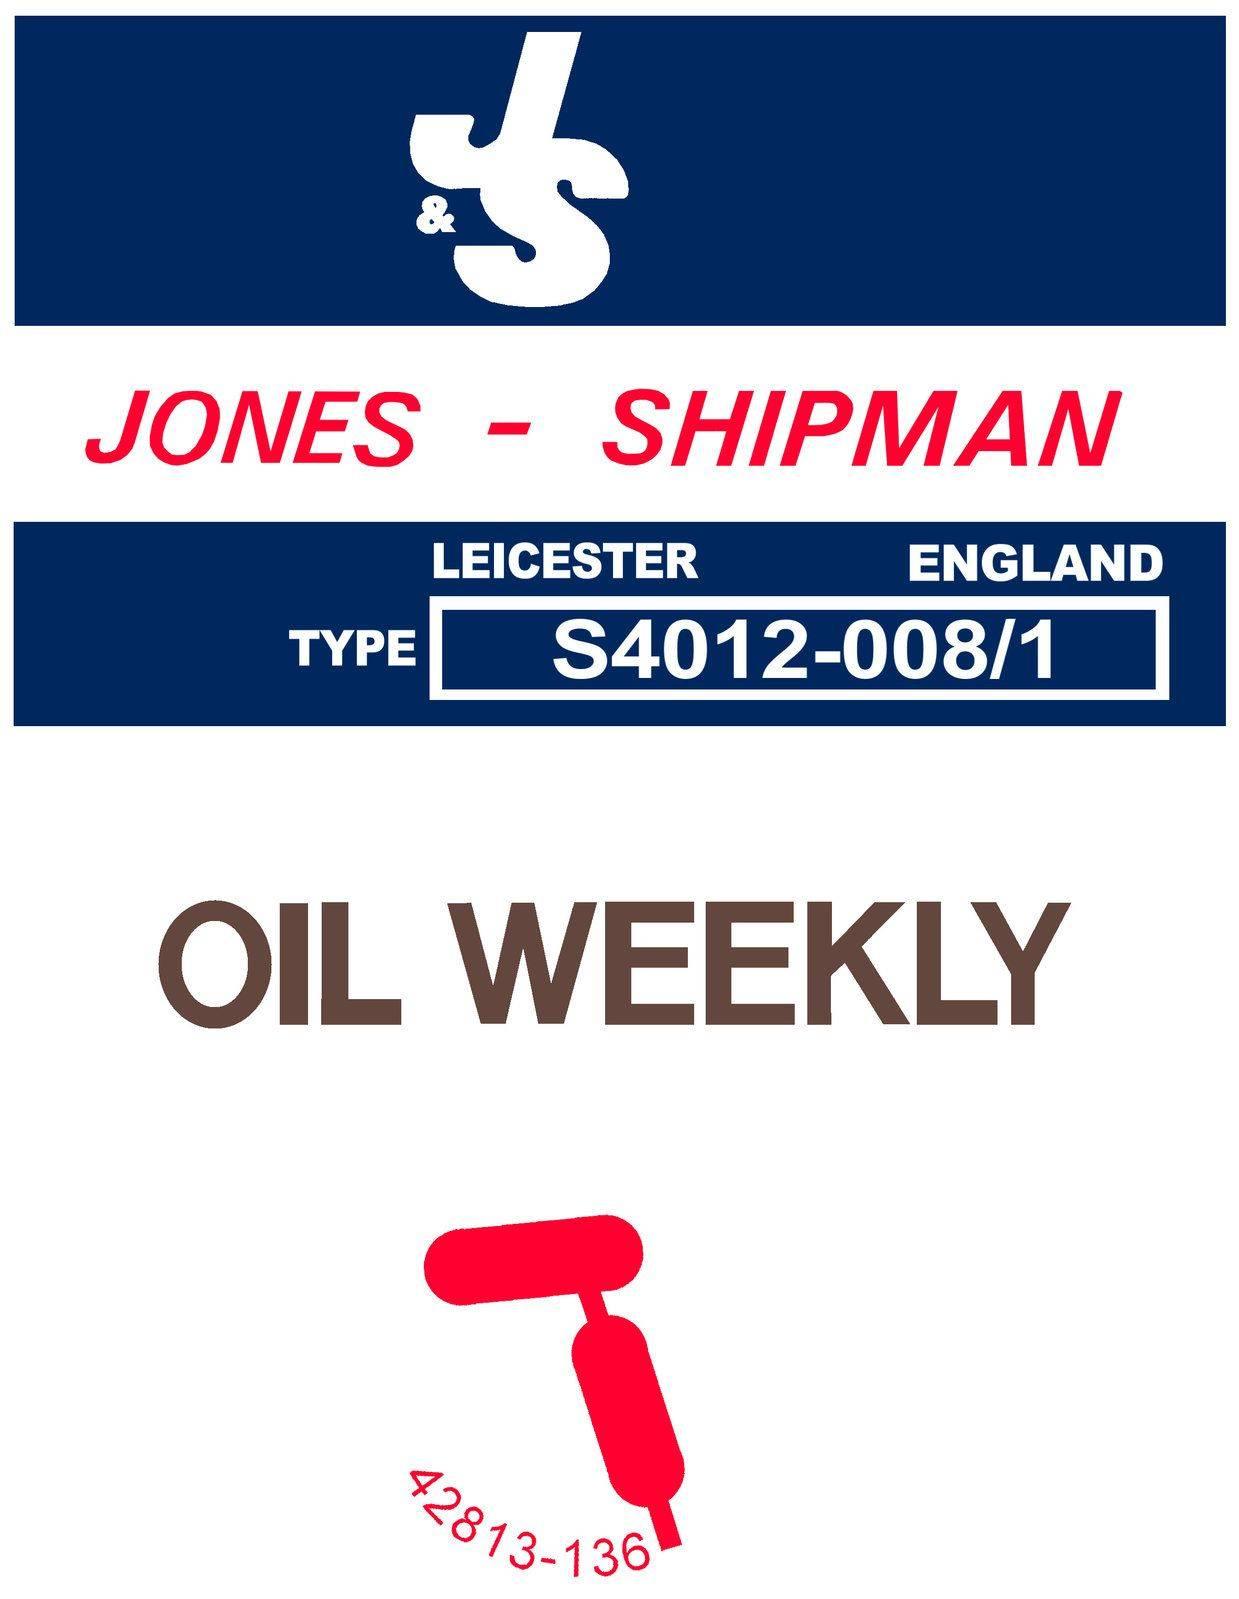 Plaquettes Jones Shipman.jpg